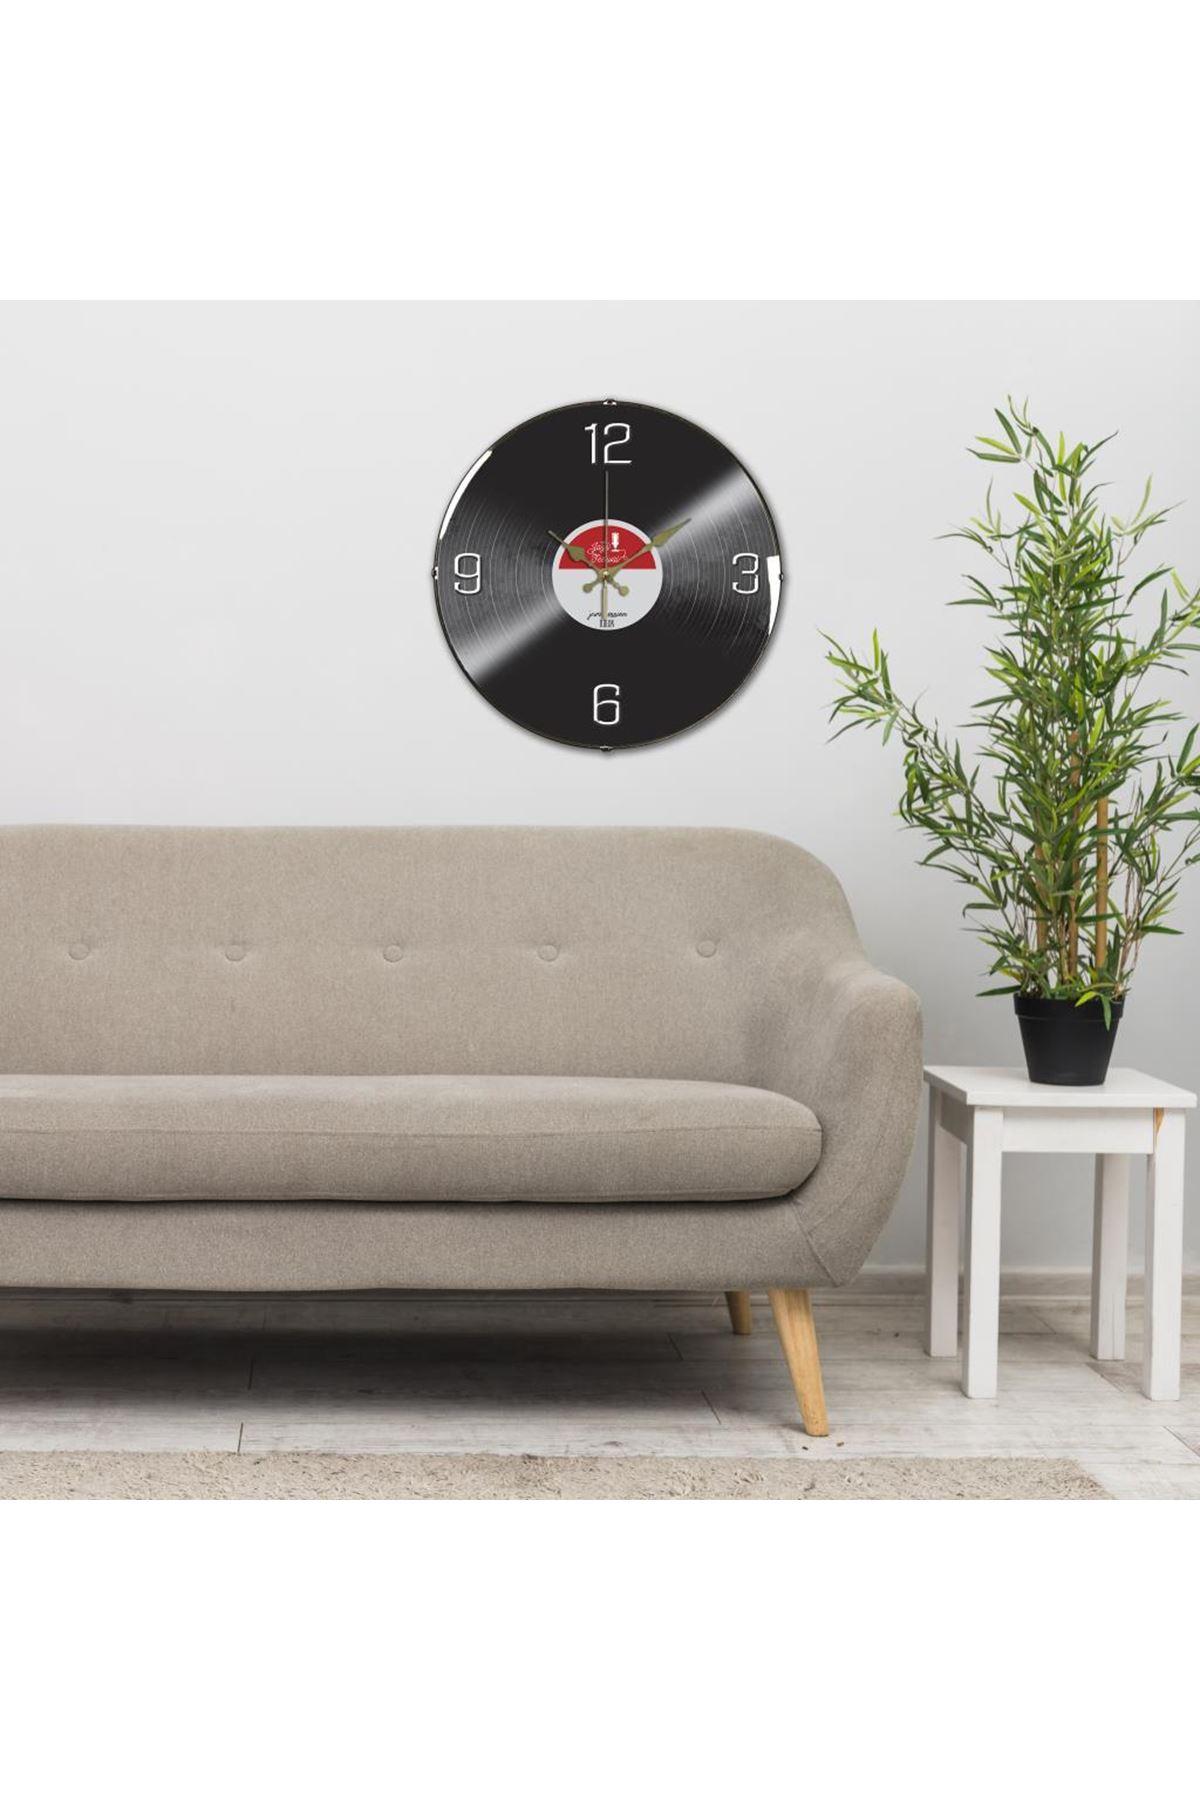 Rikon Plak Dekoratif Bombe Camlı Duvar Saati